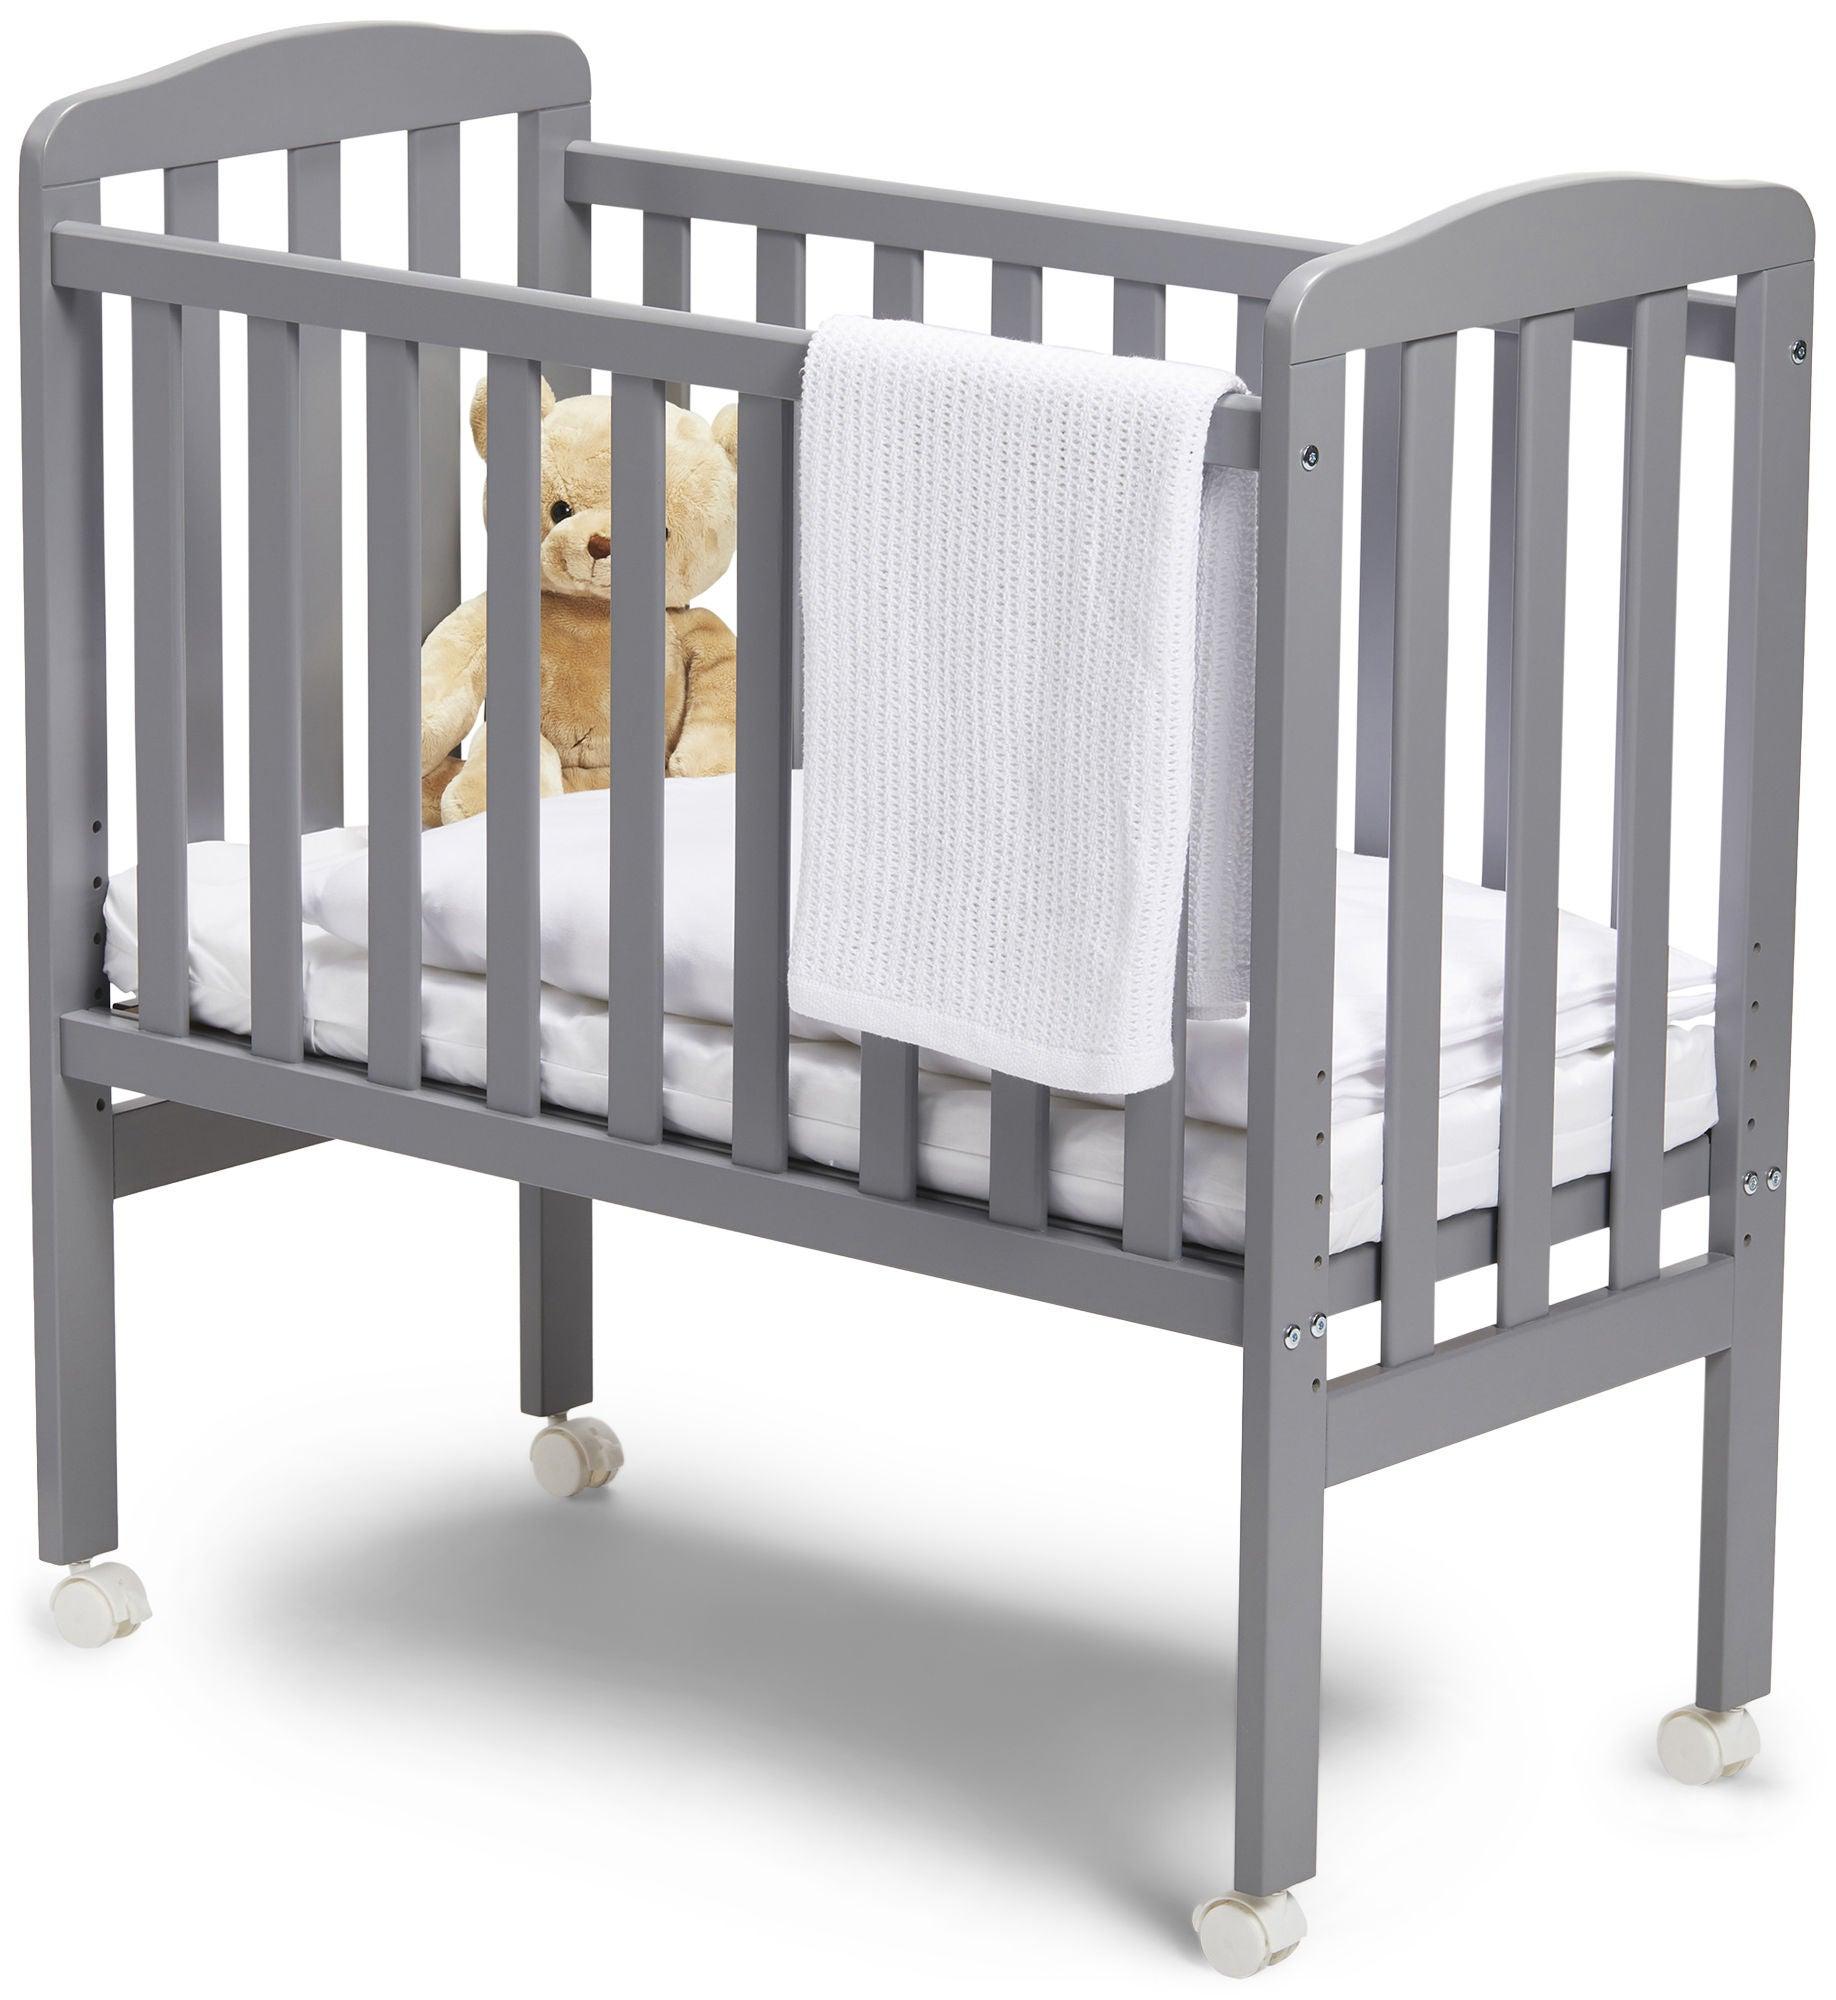 JLY Dream Bedside Crib, Harmaa